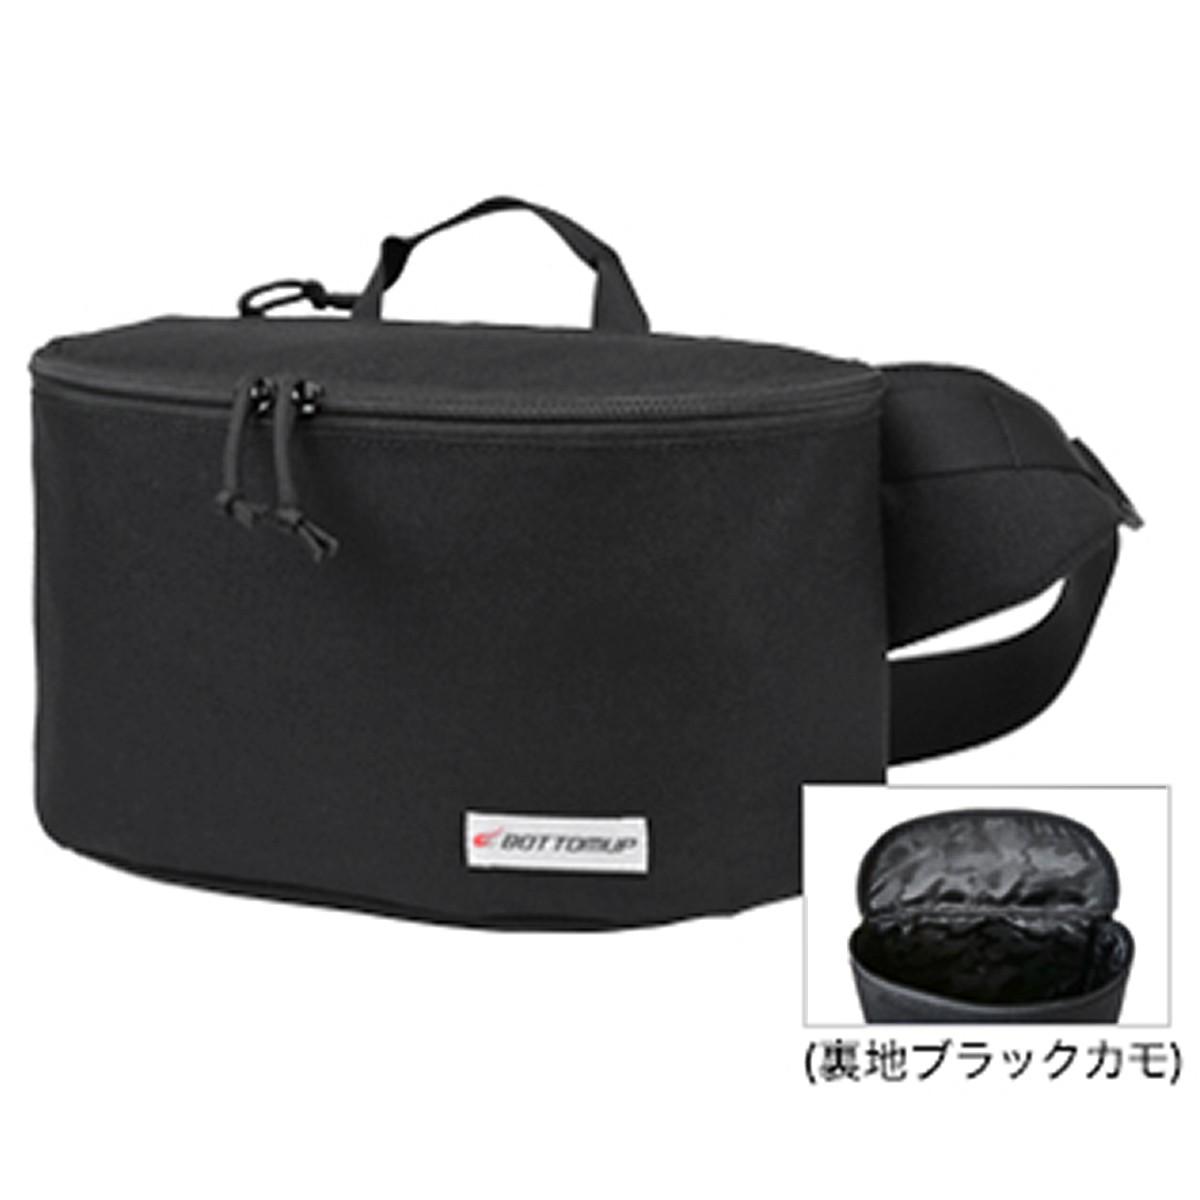 インテイク ボトムアップリミテッドエディション ブラック(東日本店)